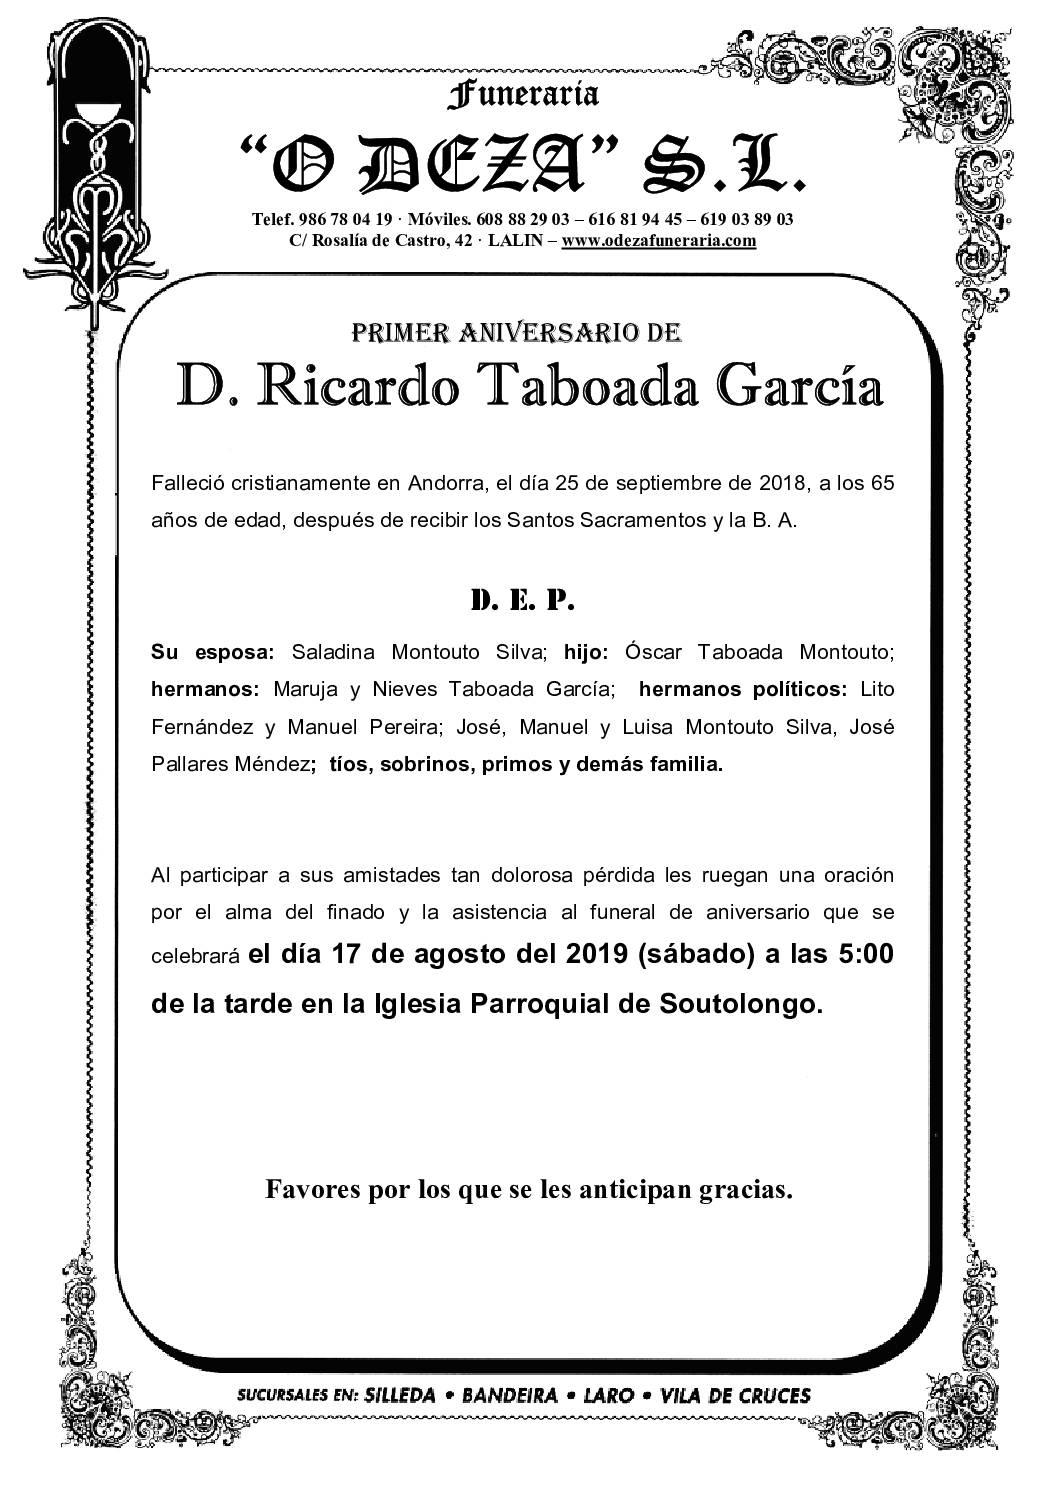 D. RICARDO TABOADA GARCÍA